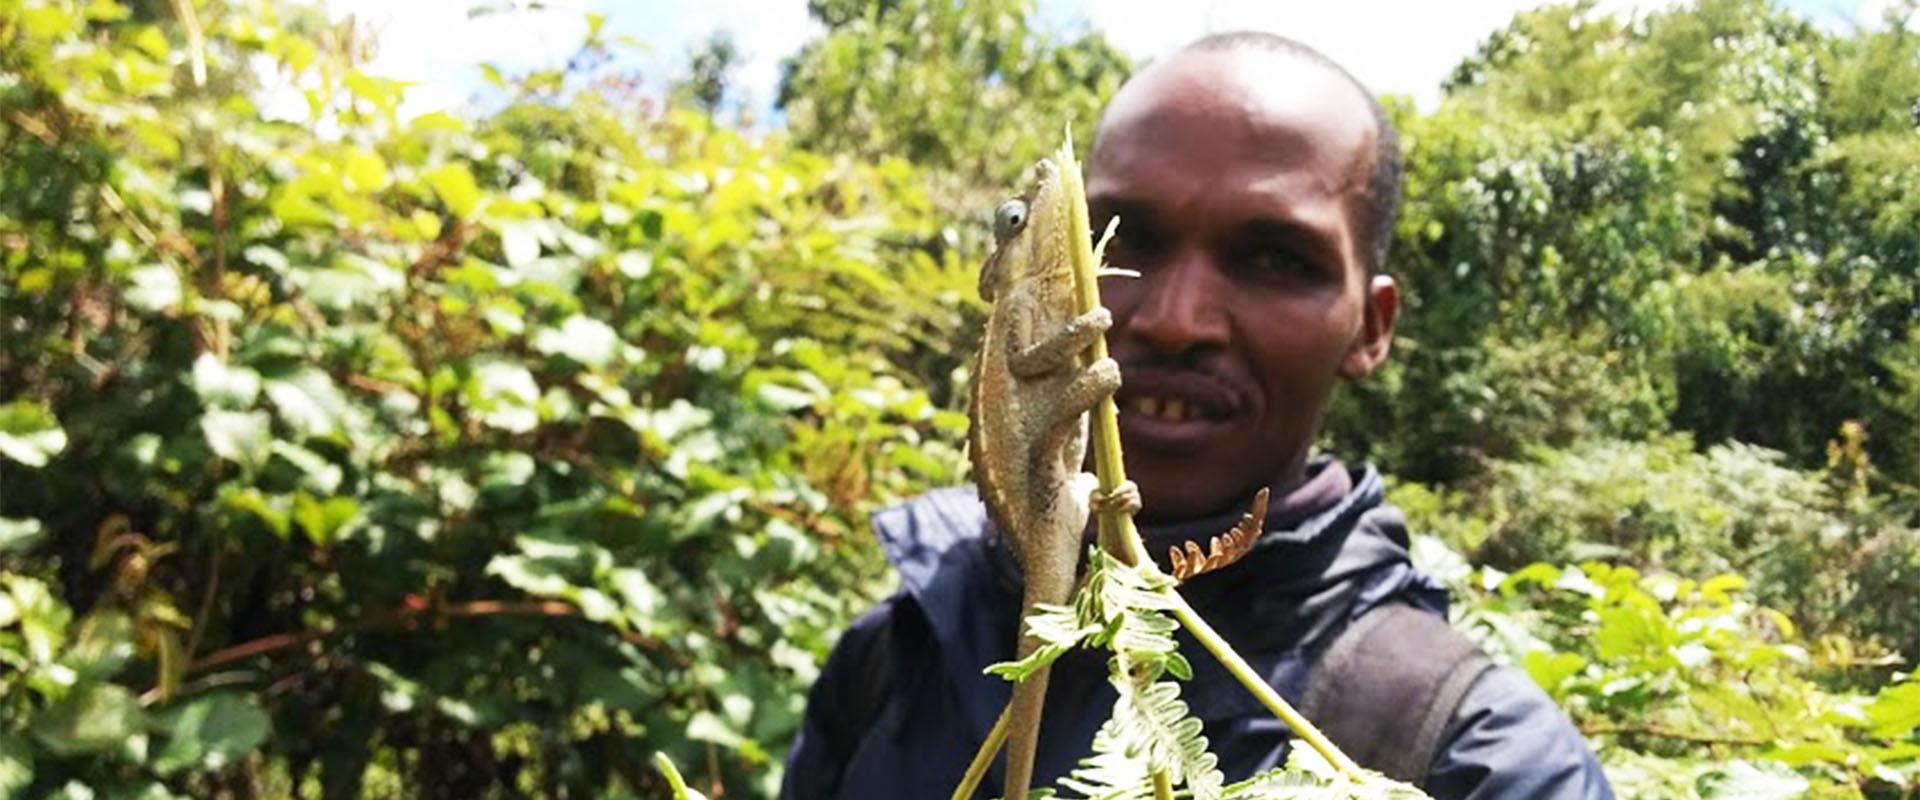 foresta mau camaleonte Mani Tese Kenya 2017